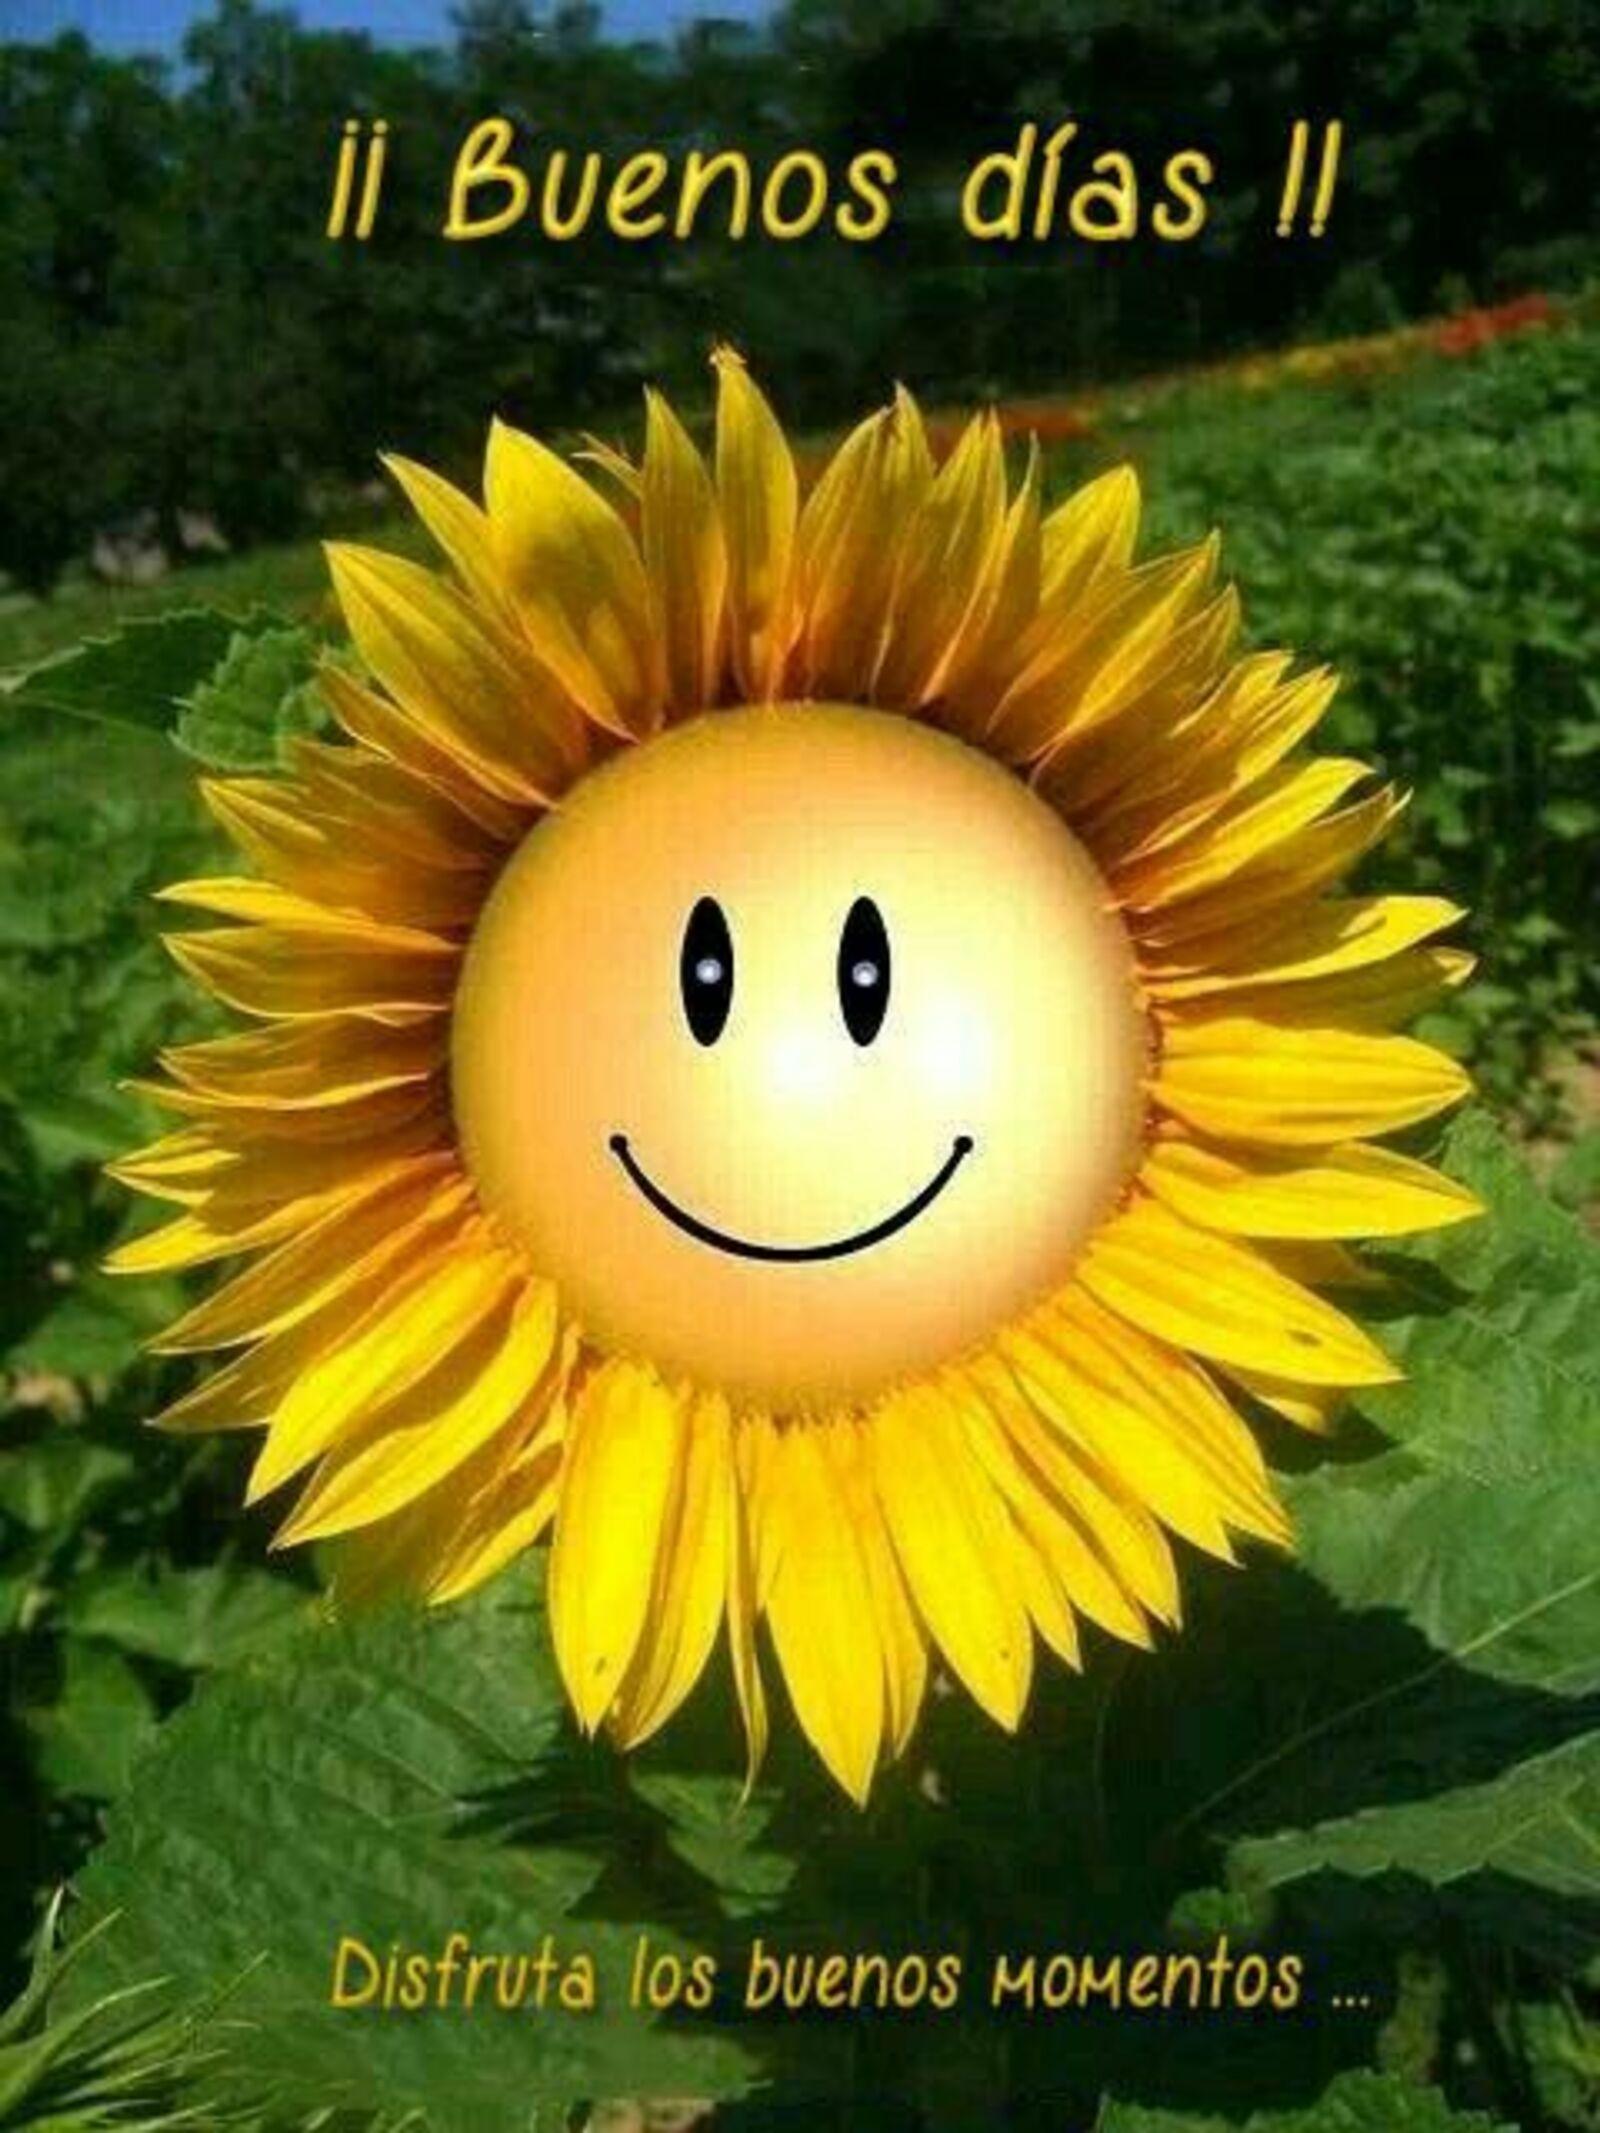 ¡¡ Buenos Días !! Disfruta los buenos momentos...